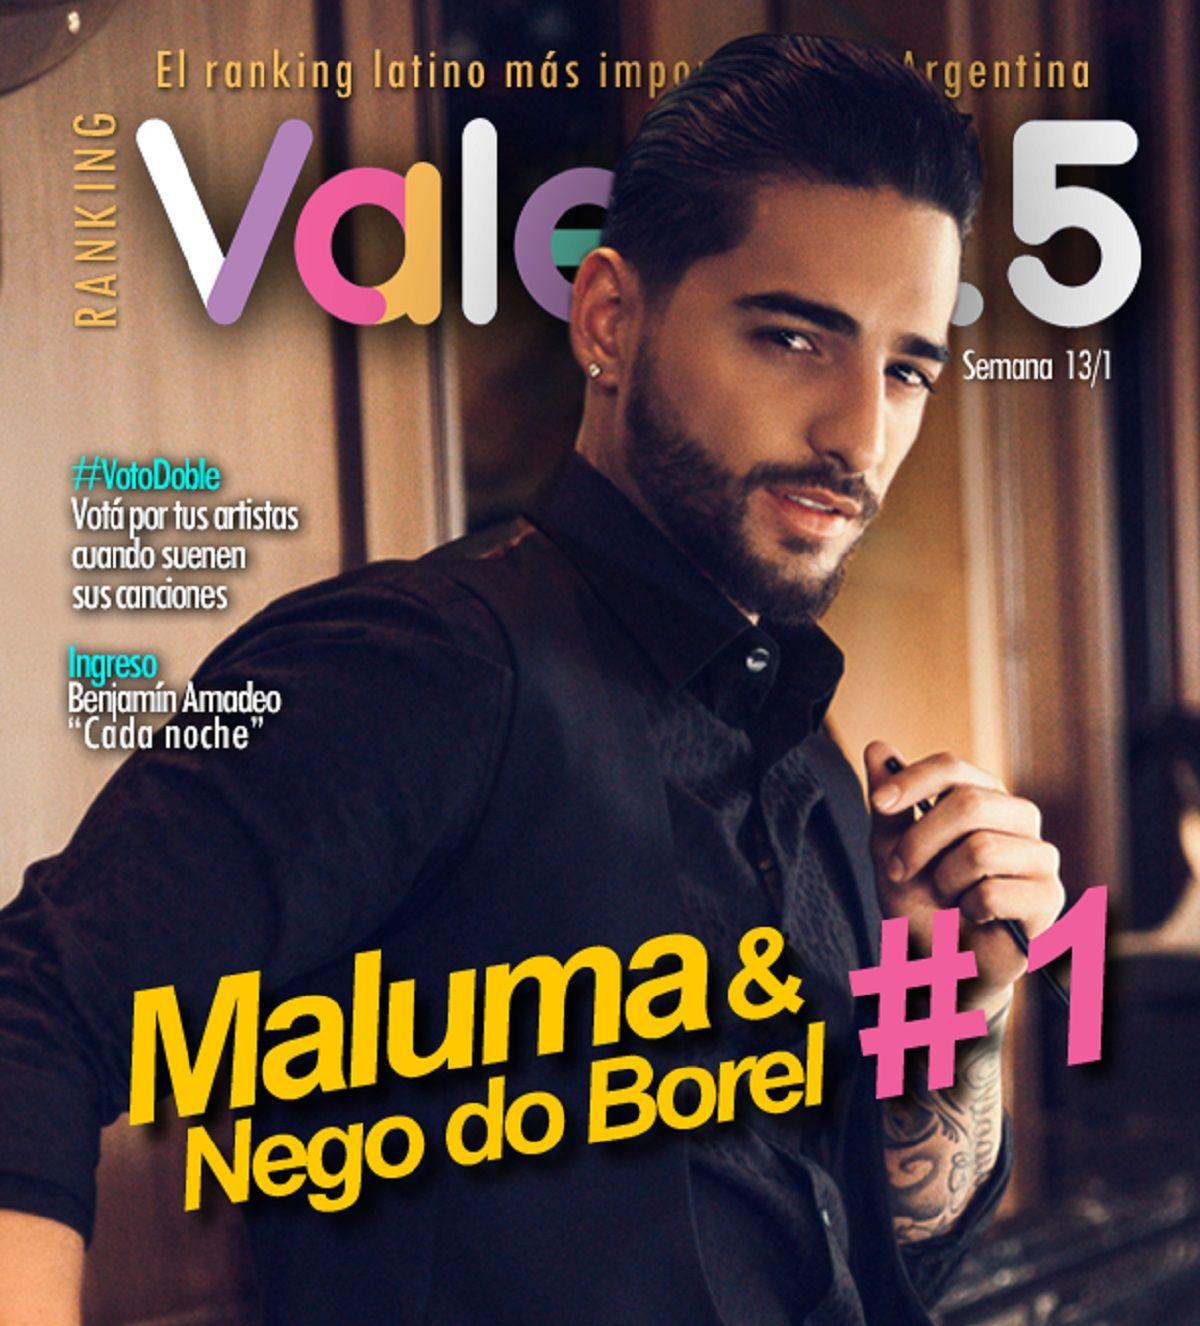 Maluma domina con Corazón el Ranking Vale